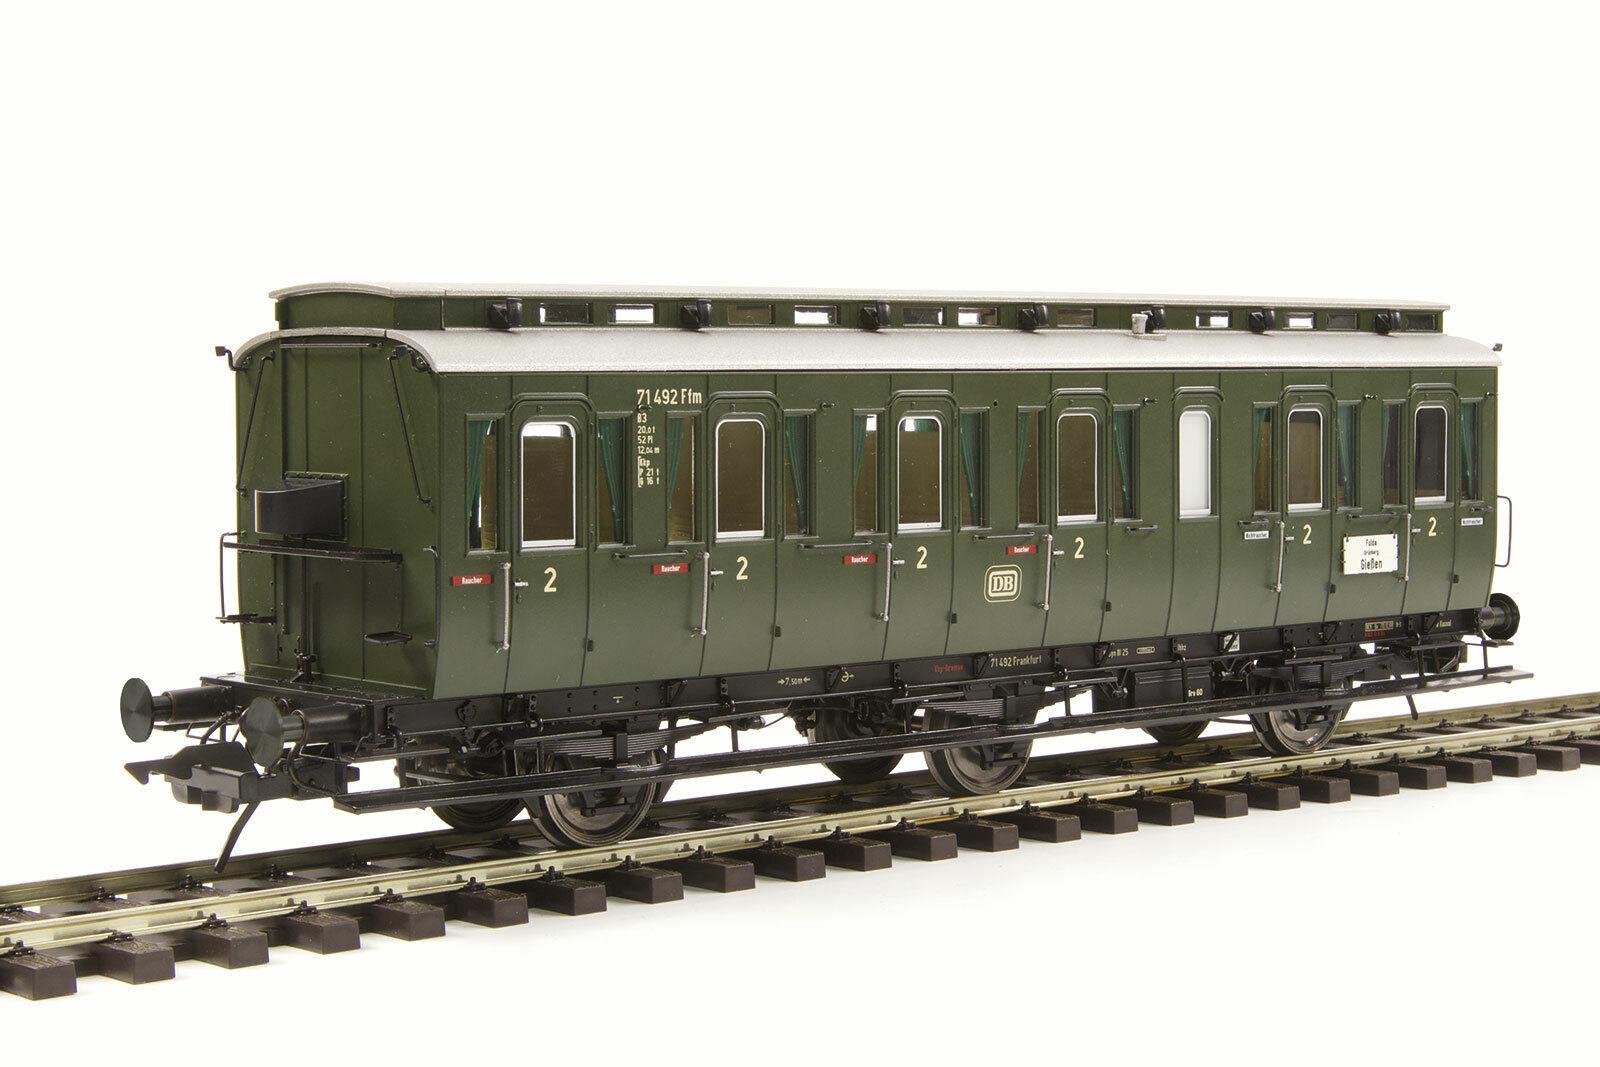 Lenz 41163-02 Escala 0 Prusiano Coche de Compartimentos Modelo C3 o Bremserh DB